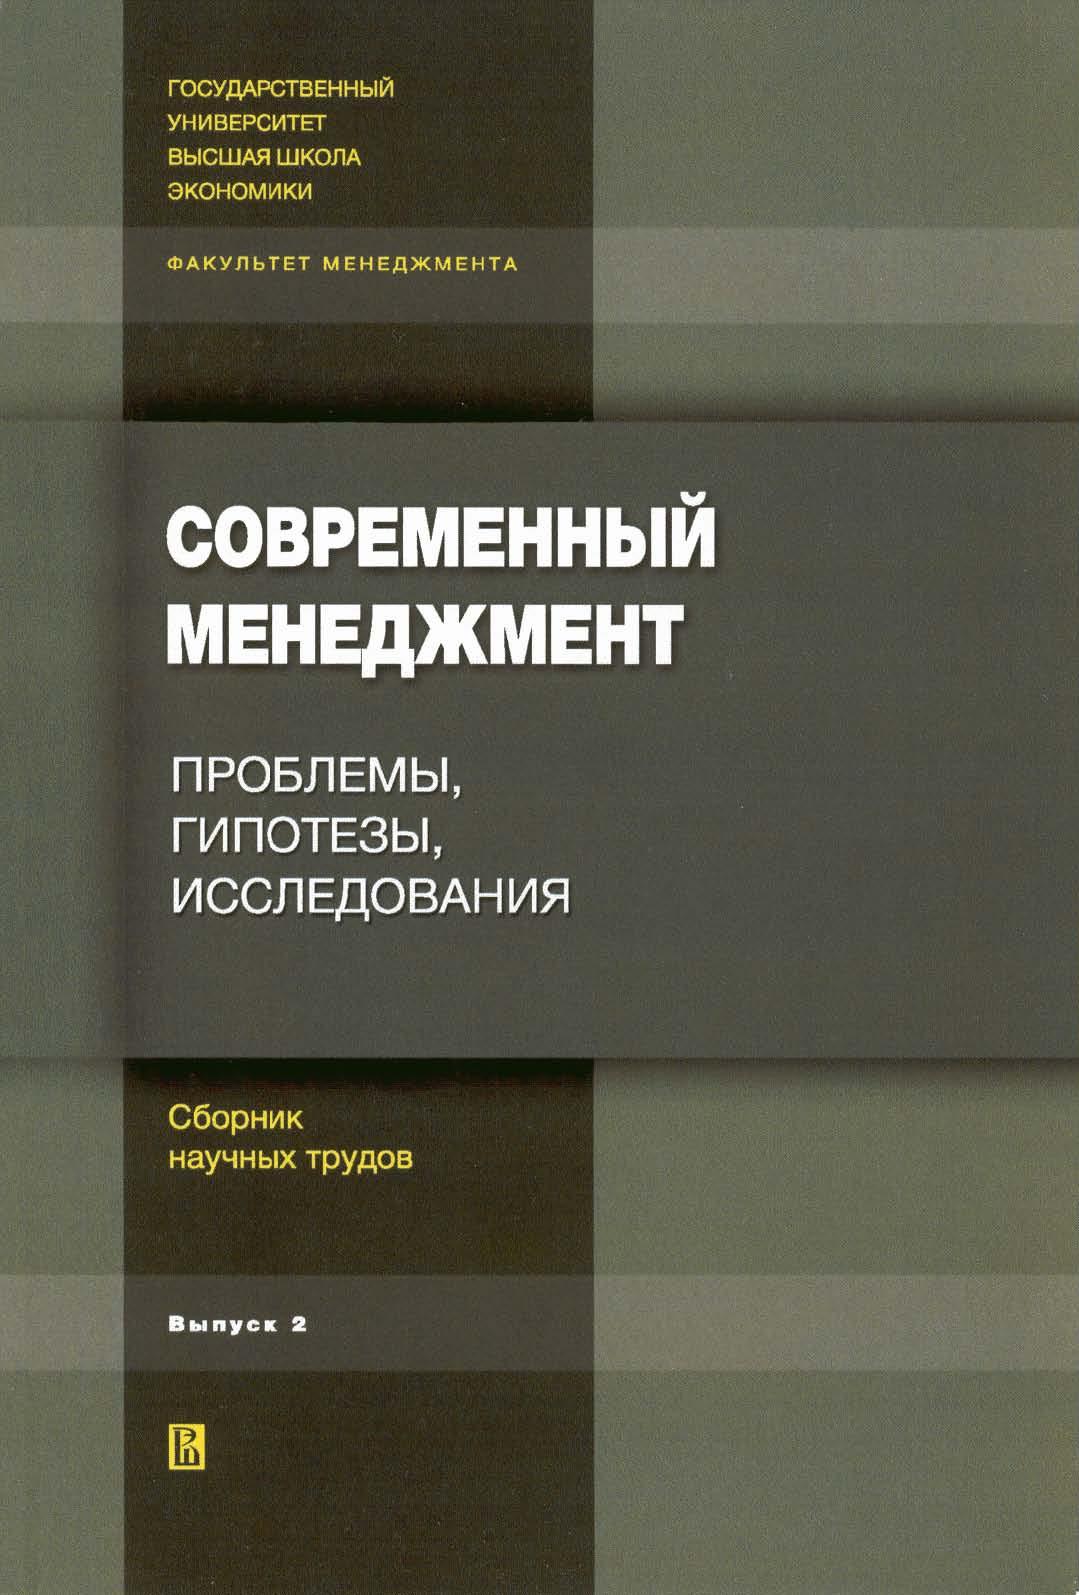 Современный менеджмент: проблемы, гипотезы, исследования: сборник научных трудов. Выпуск 2